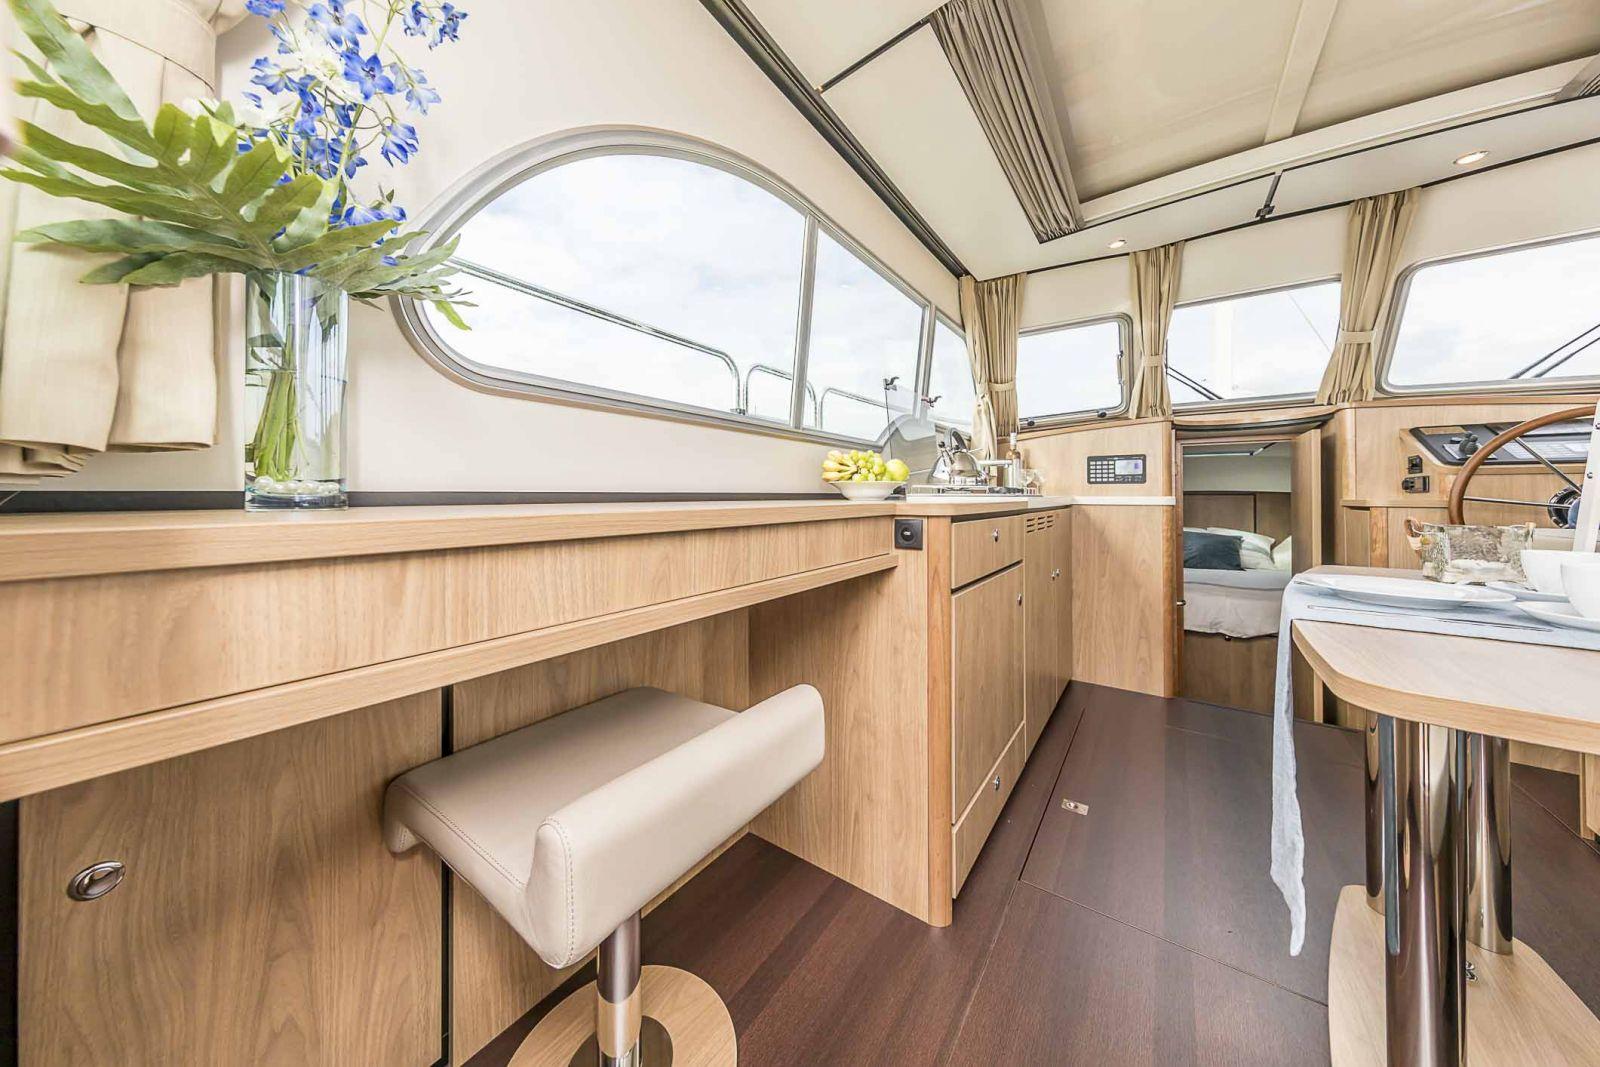 Innen sind die Hausboote modern und elegant gestaltet.